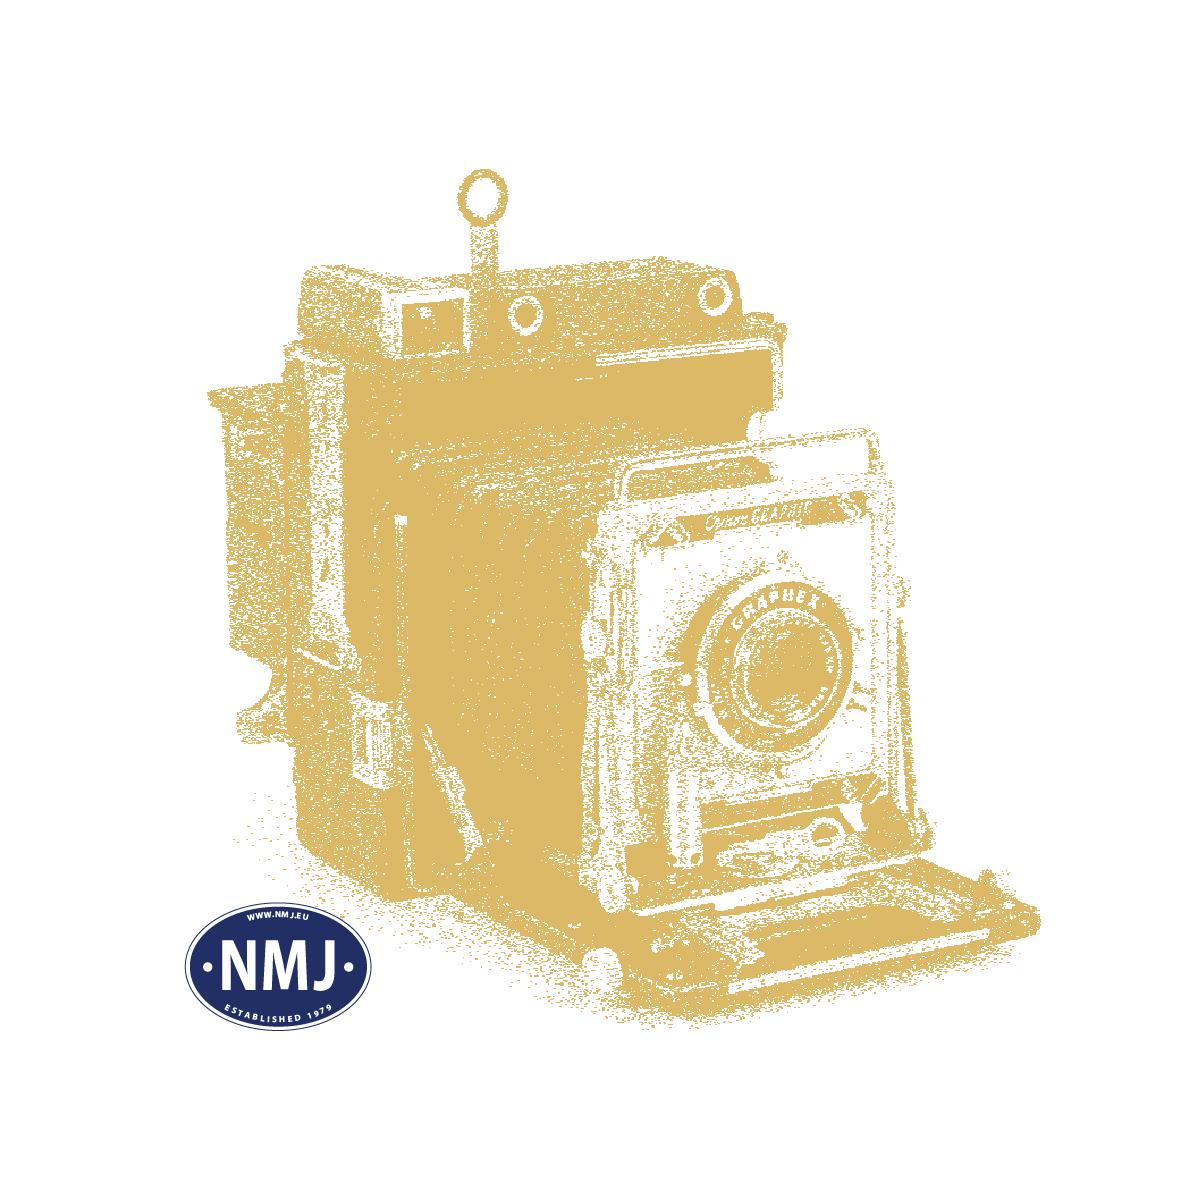 MANZ001B - Penselholder m/ Liten Malepalett, Sort